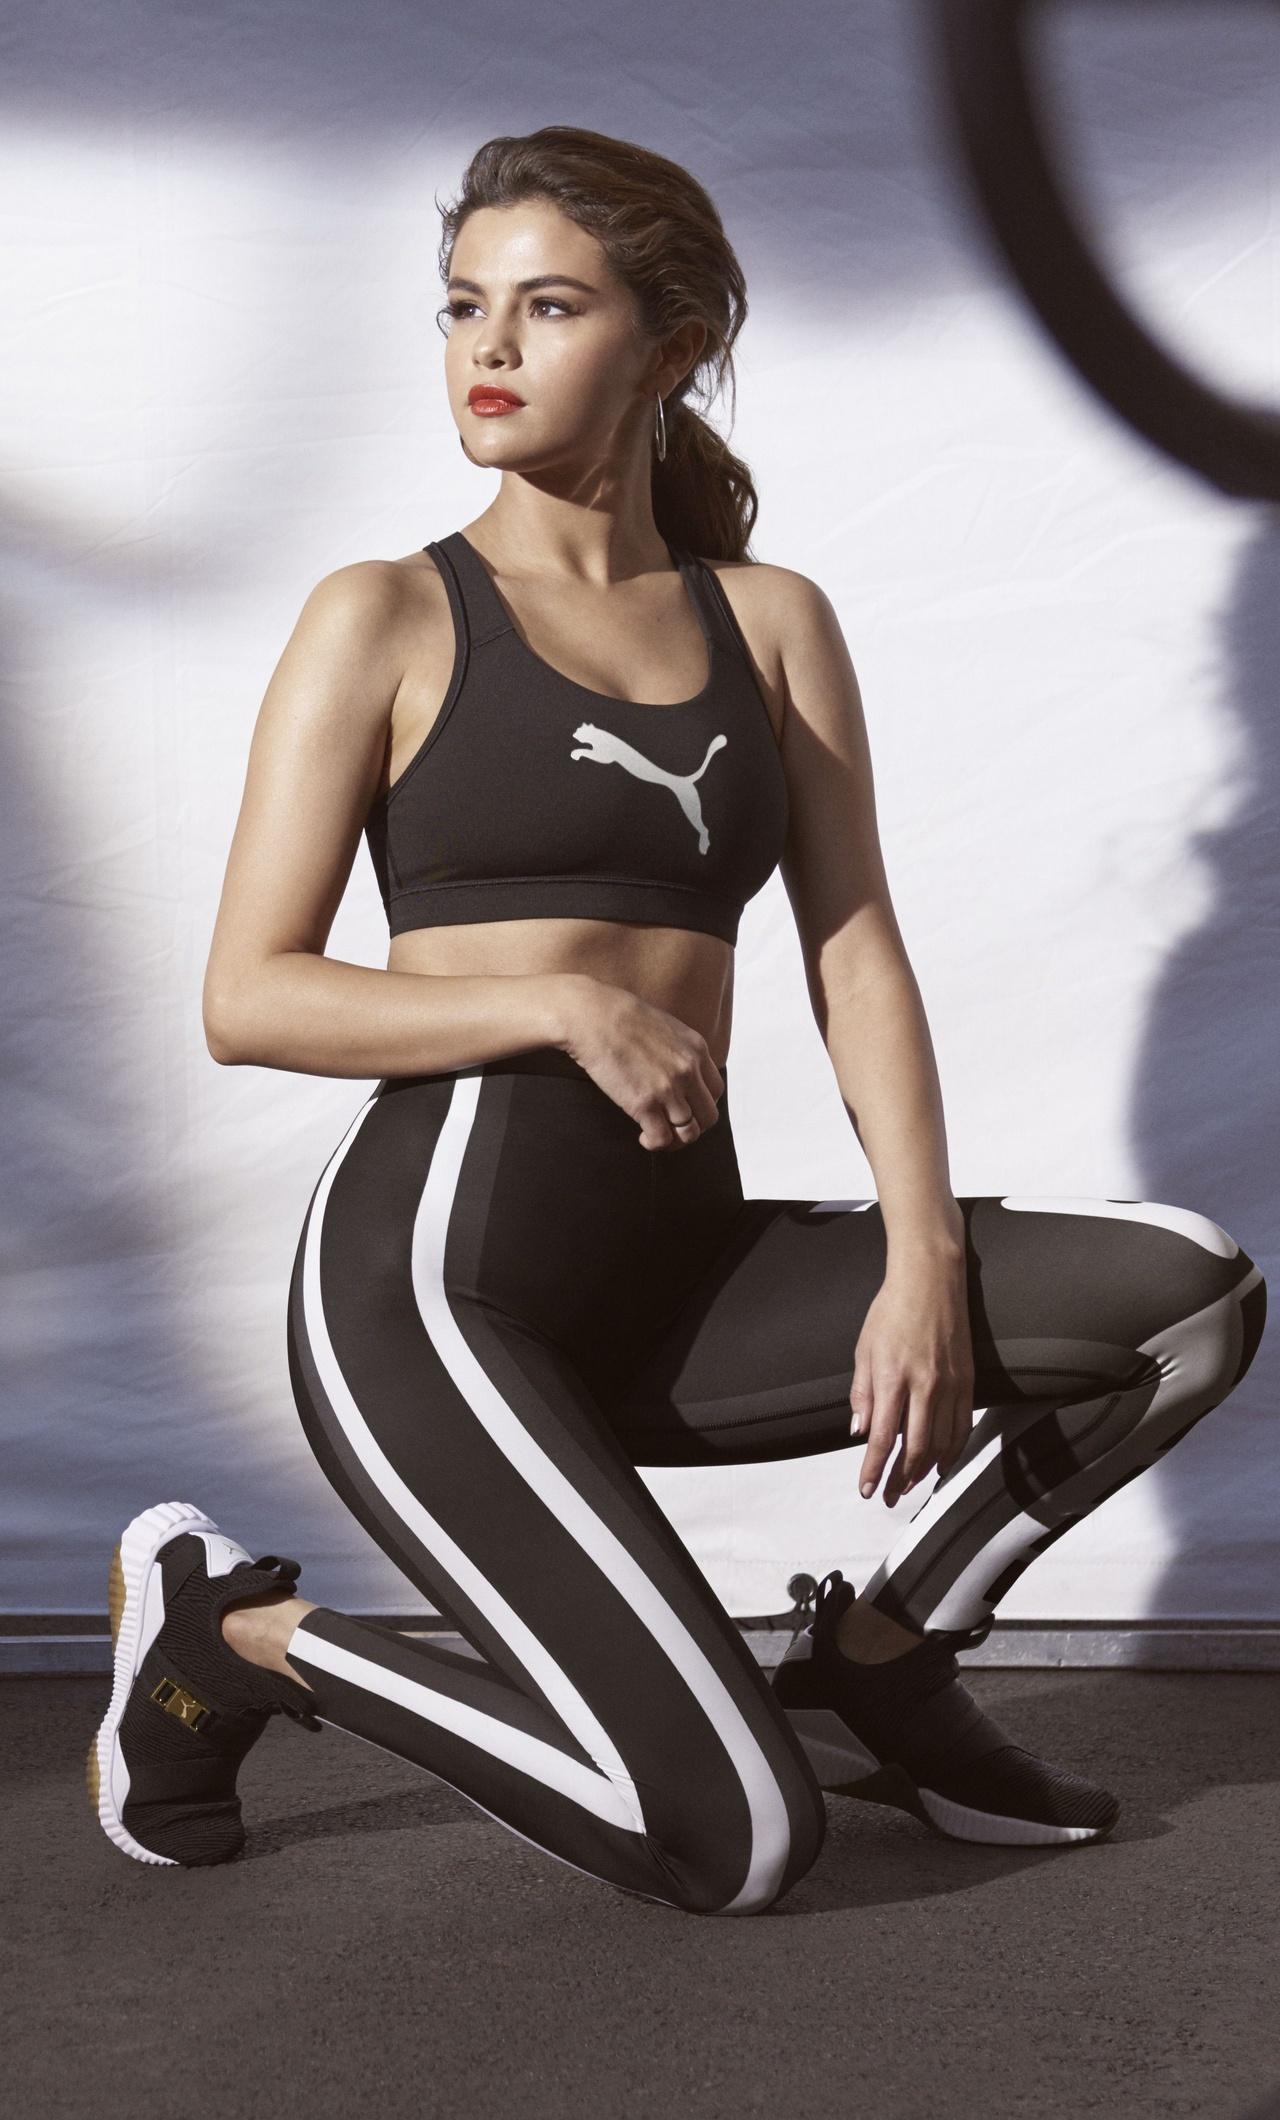 05da42d4dabd 1280x2120 Selena Gomez PUMA New DEFY Mid Sneaker iPhone 6+ HD 4k ...